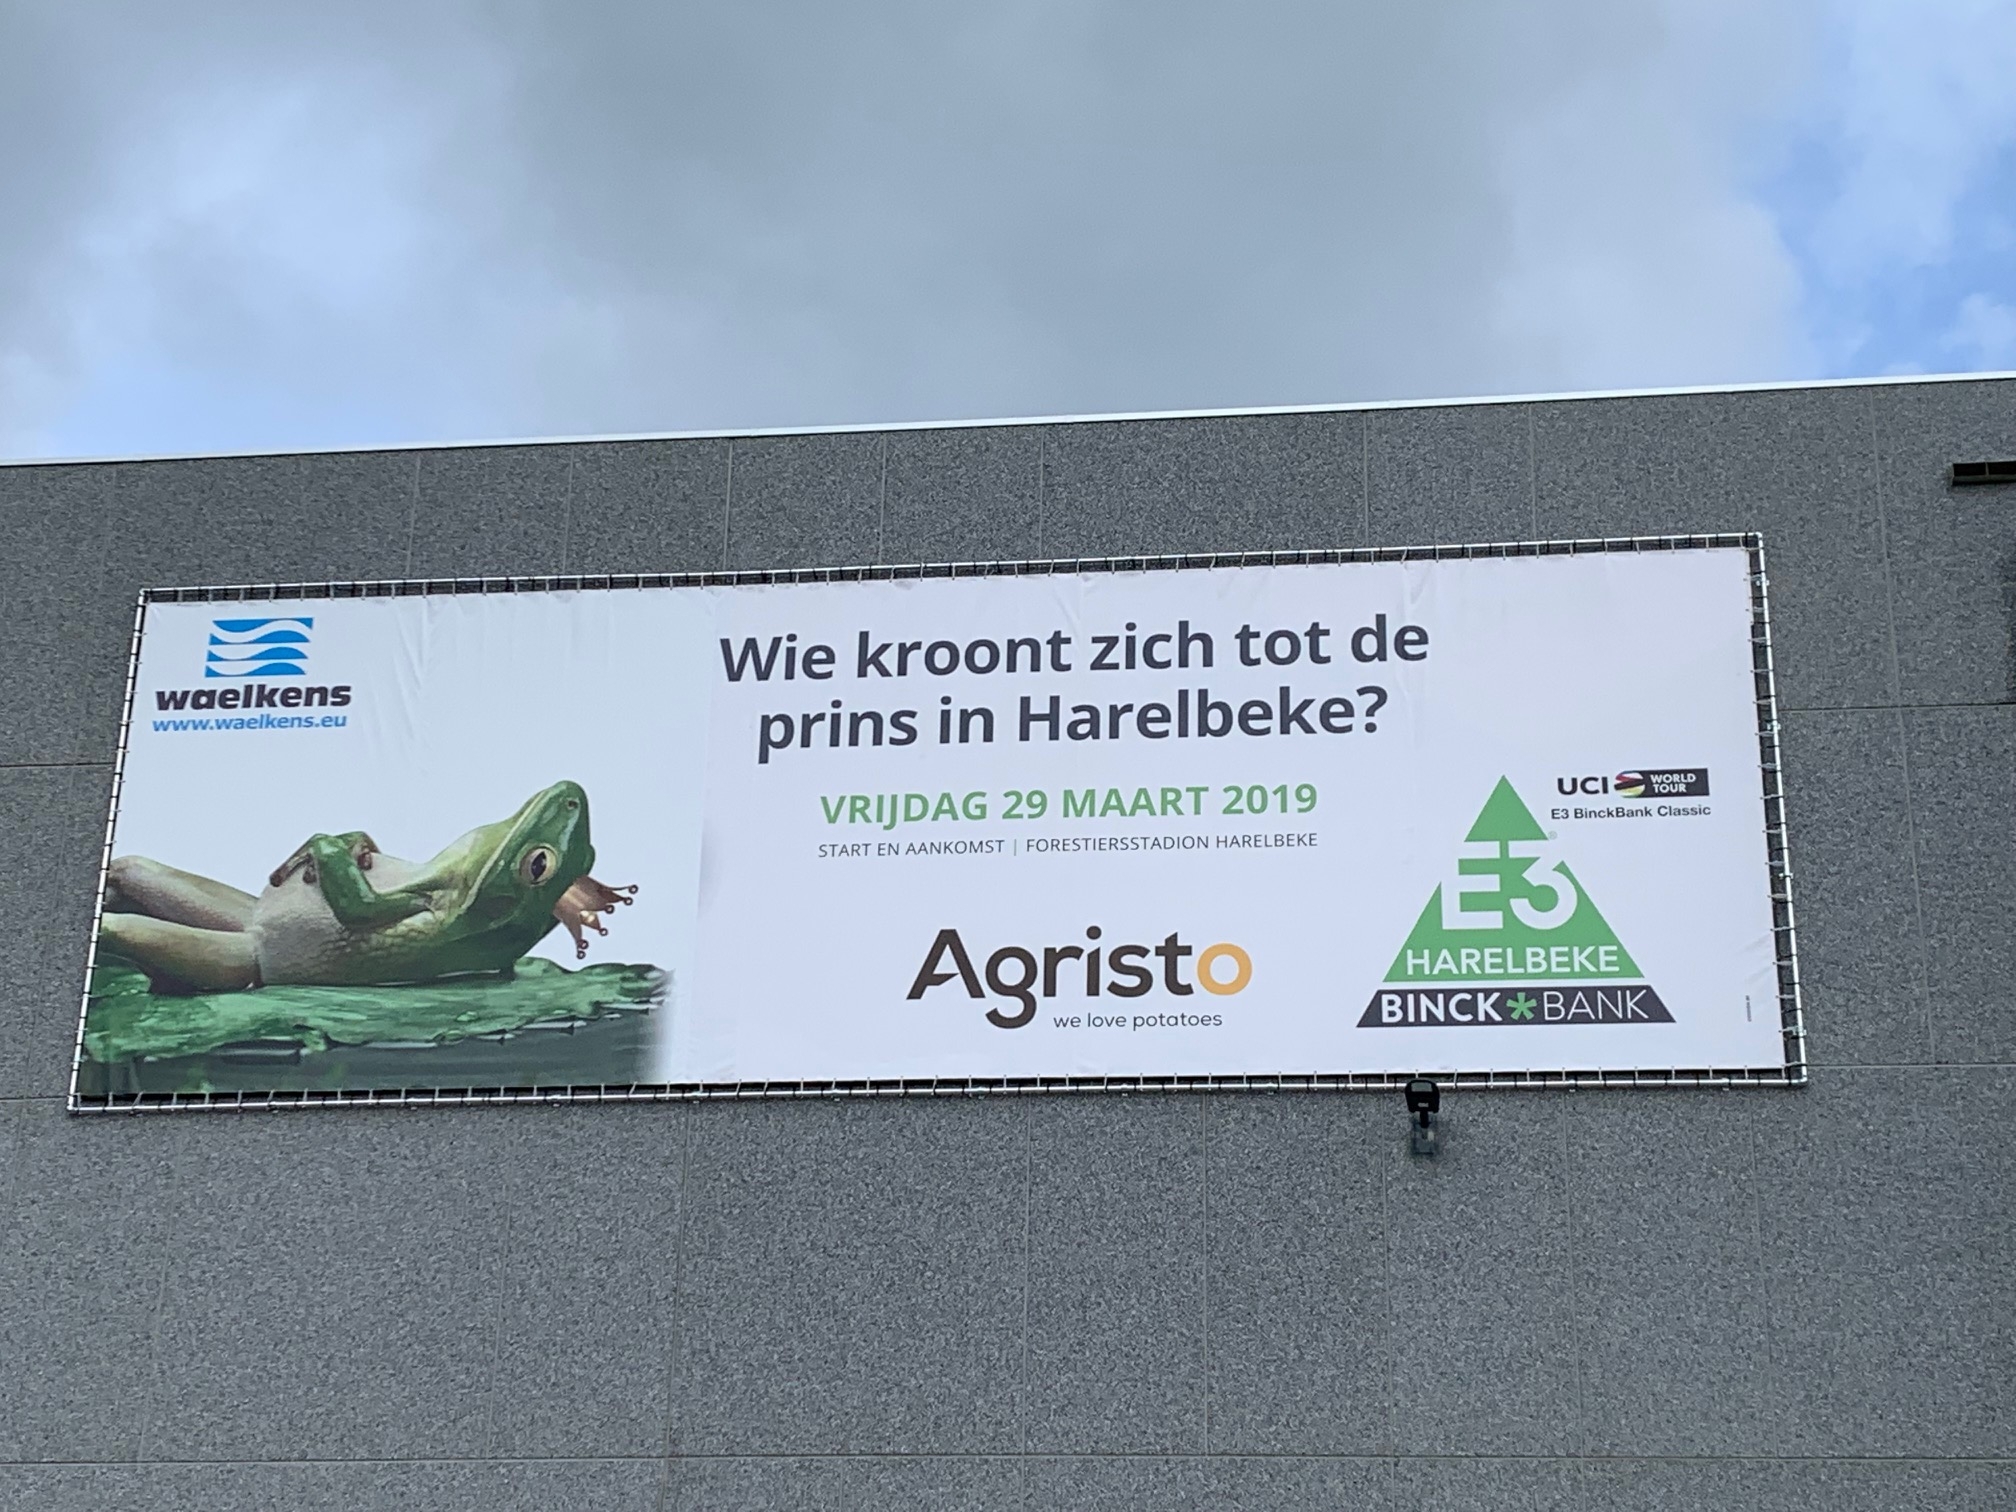 E3-banner voor Agristo door Waelkens